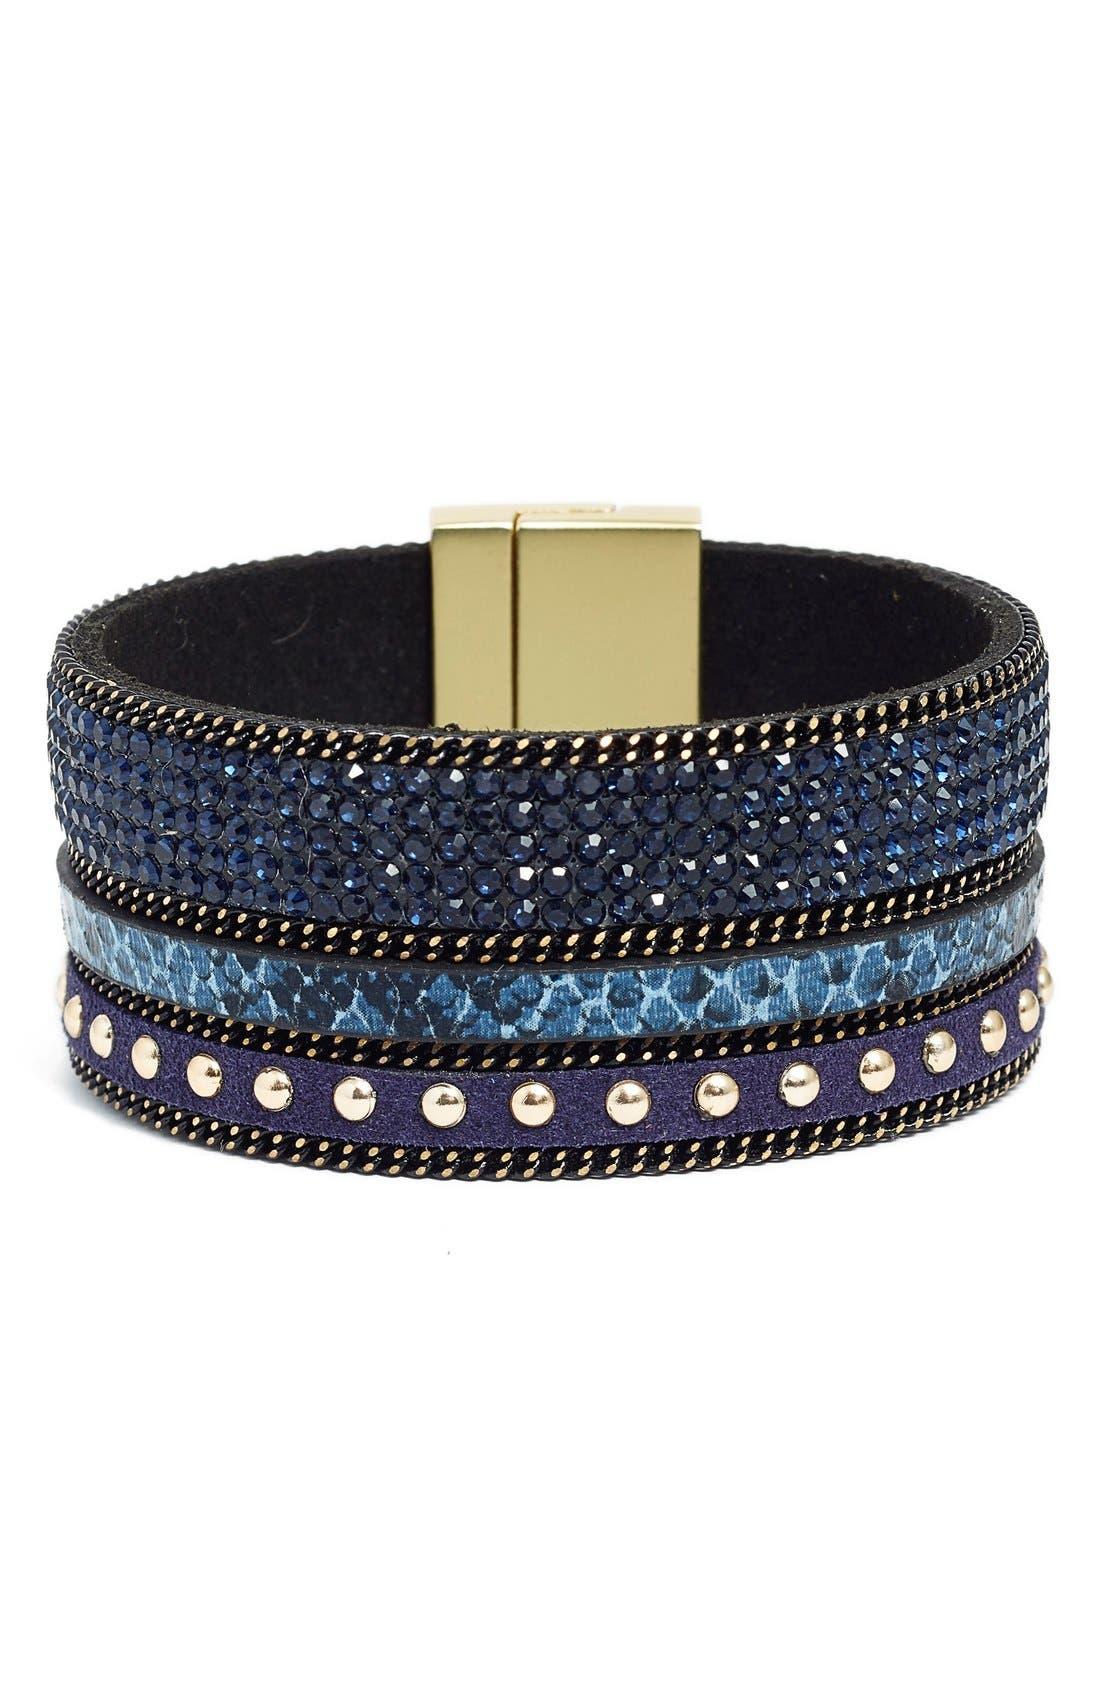 Alternate Image 1 Selected - Elise M. 'Geneva' Leather Bracelet